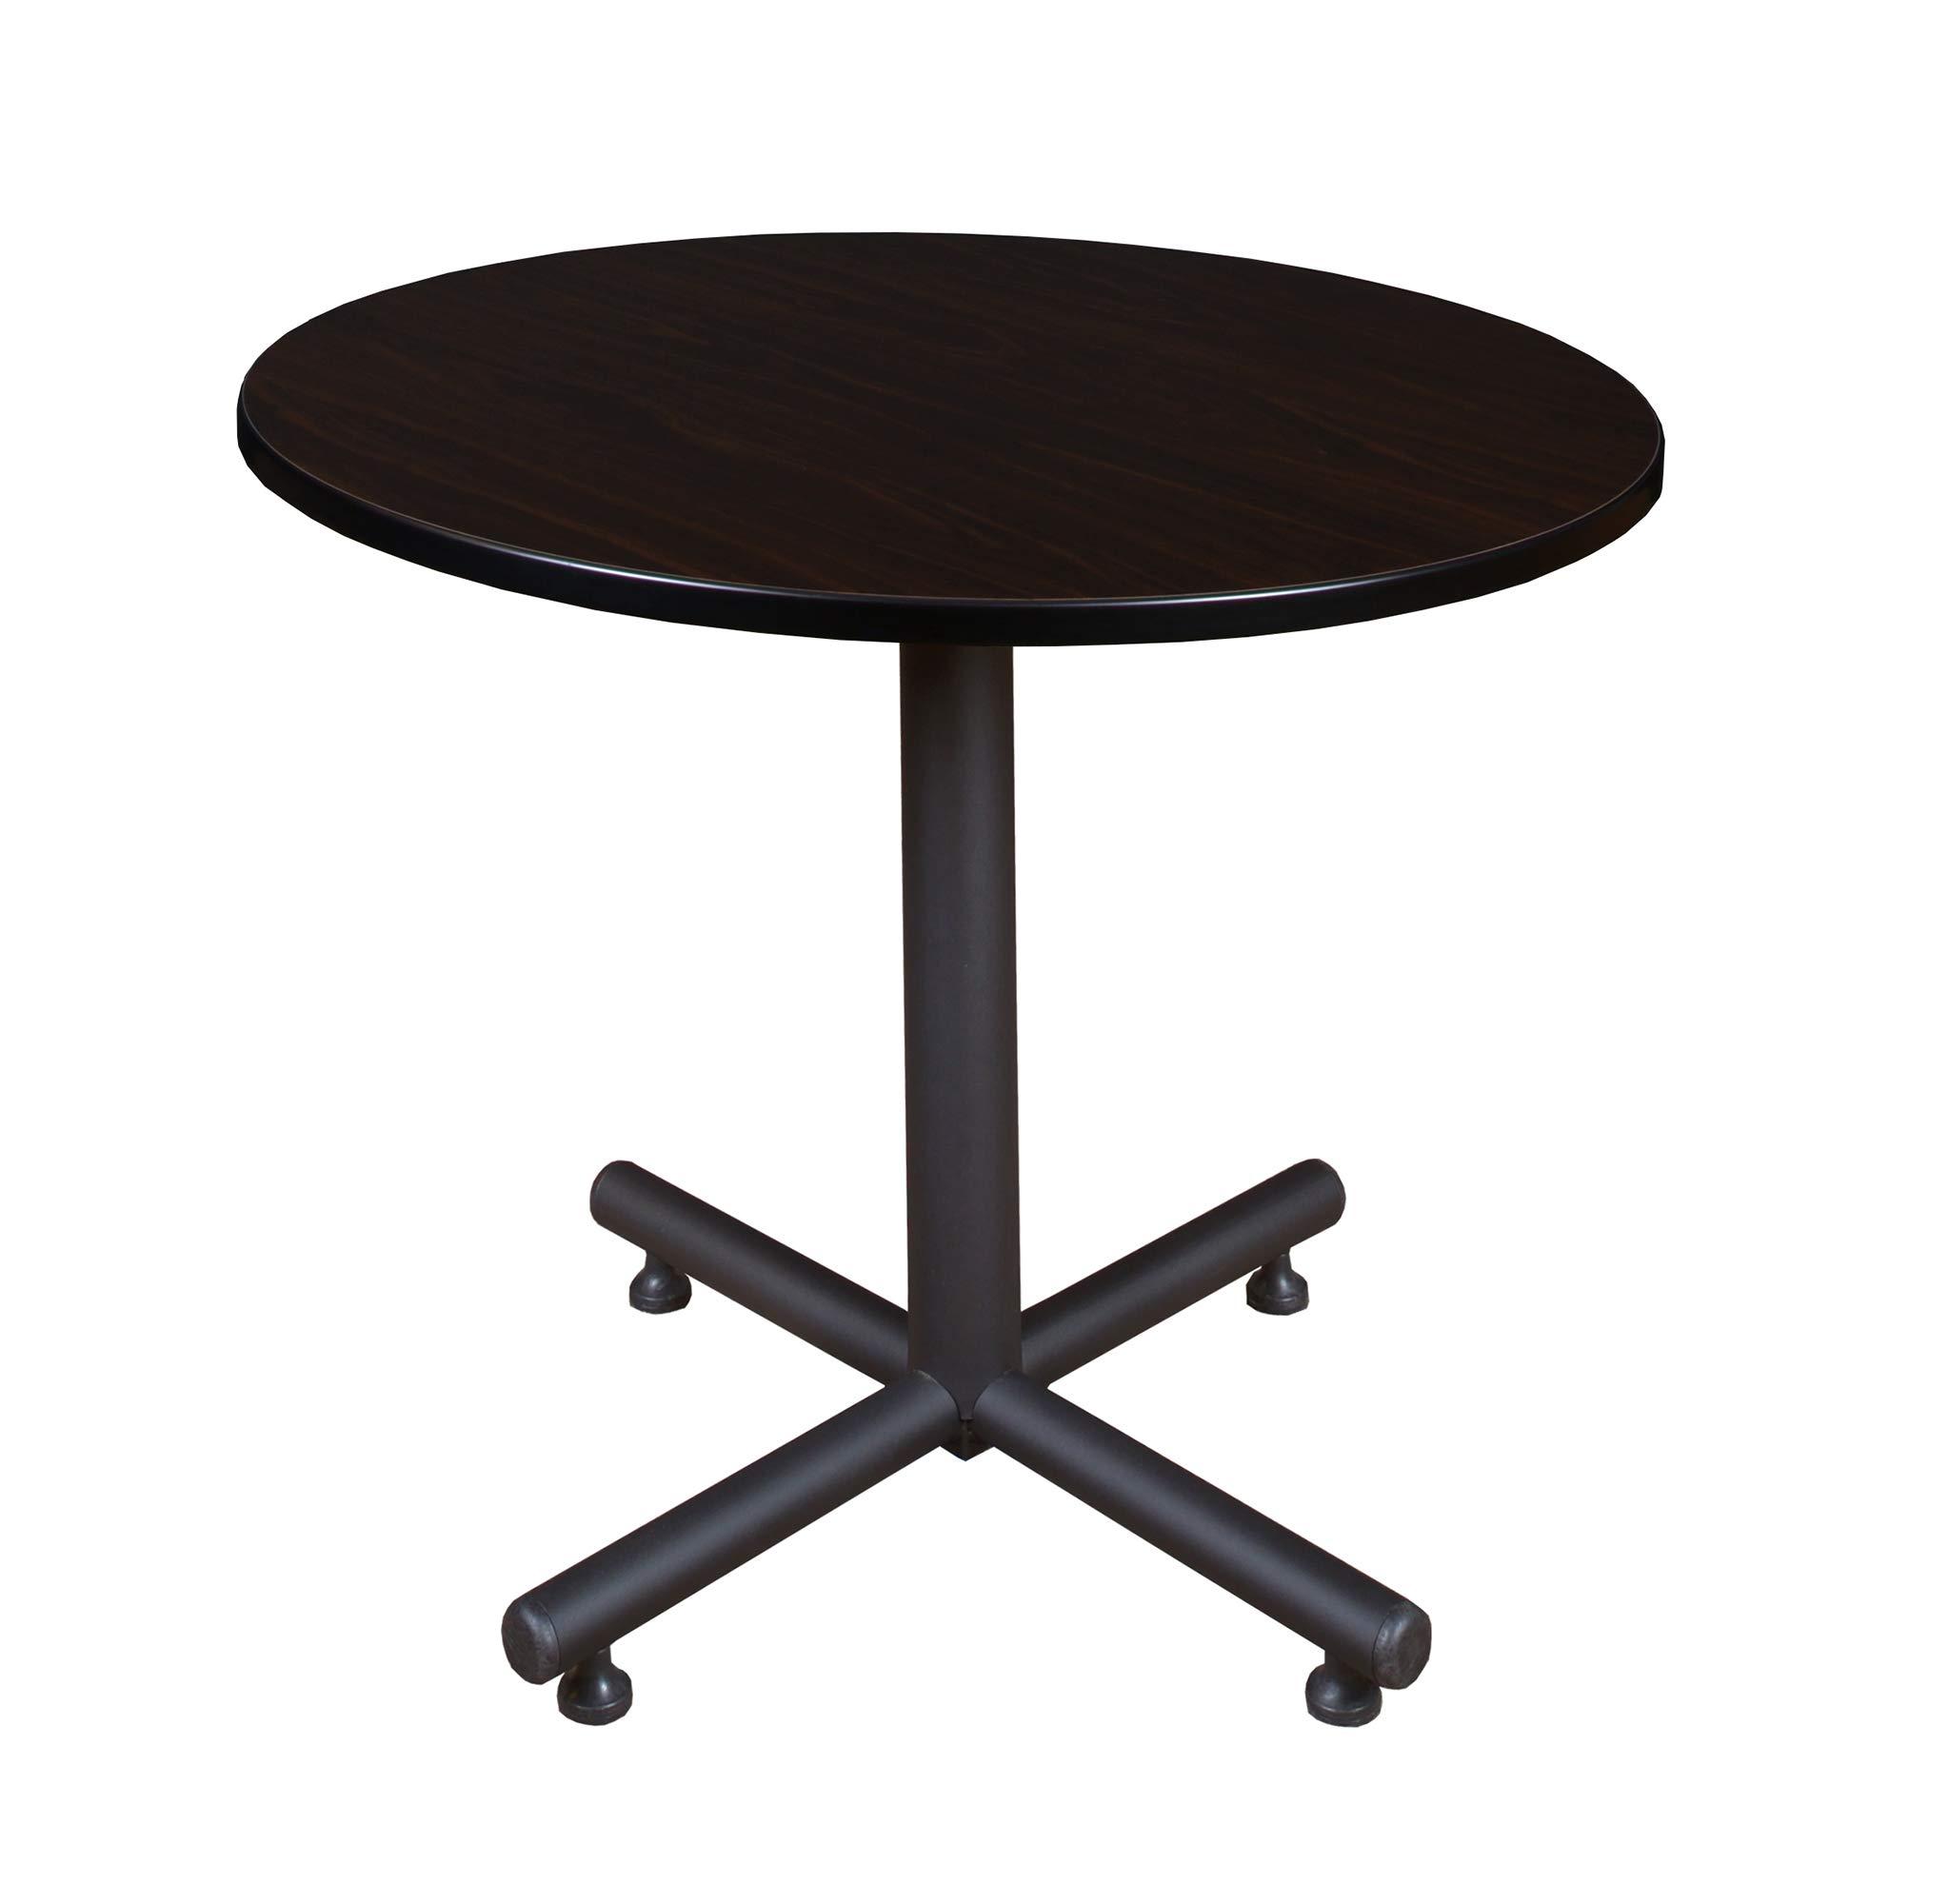 Regency Kobe 36-Inch Round Breakroom Table, Mocha Walnut